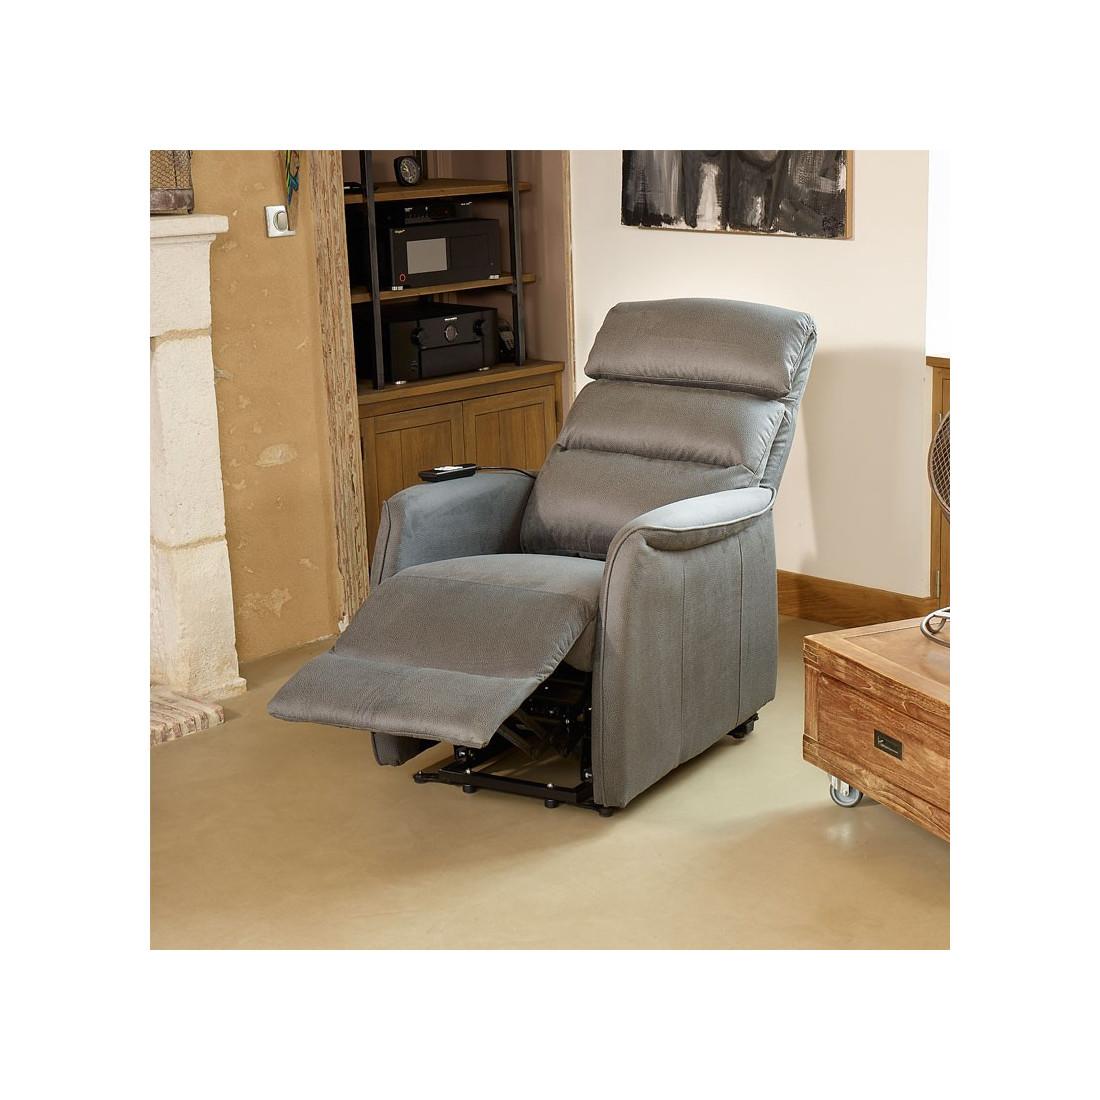 Fauteuil de relaxation gris softy univers du salon tousmesmeubles - Fauteuils electriques relaxation ...